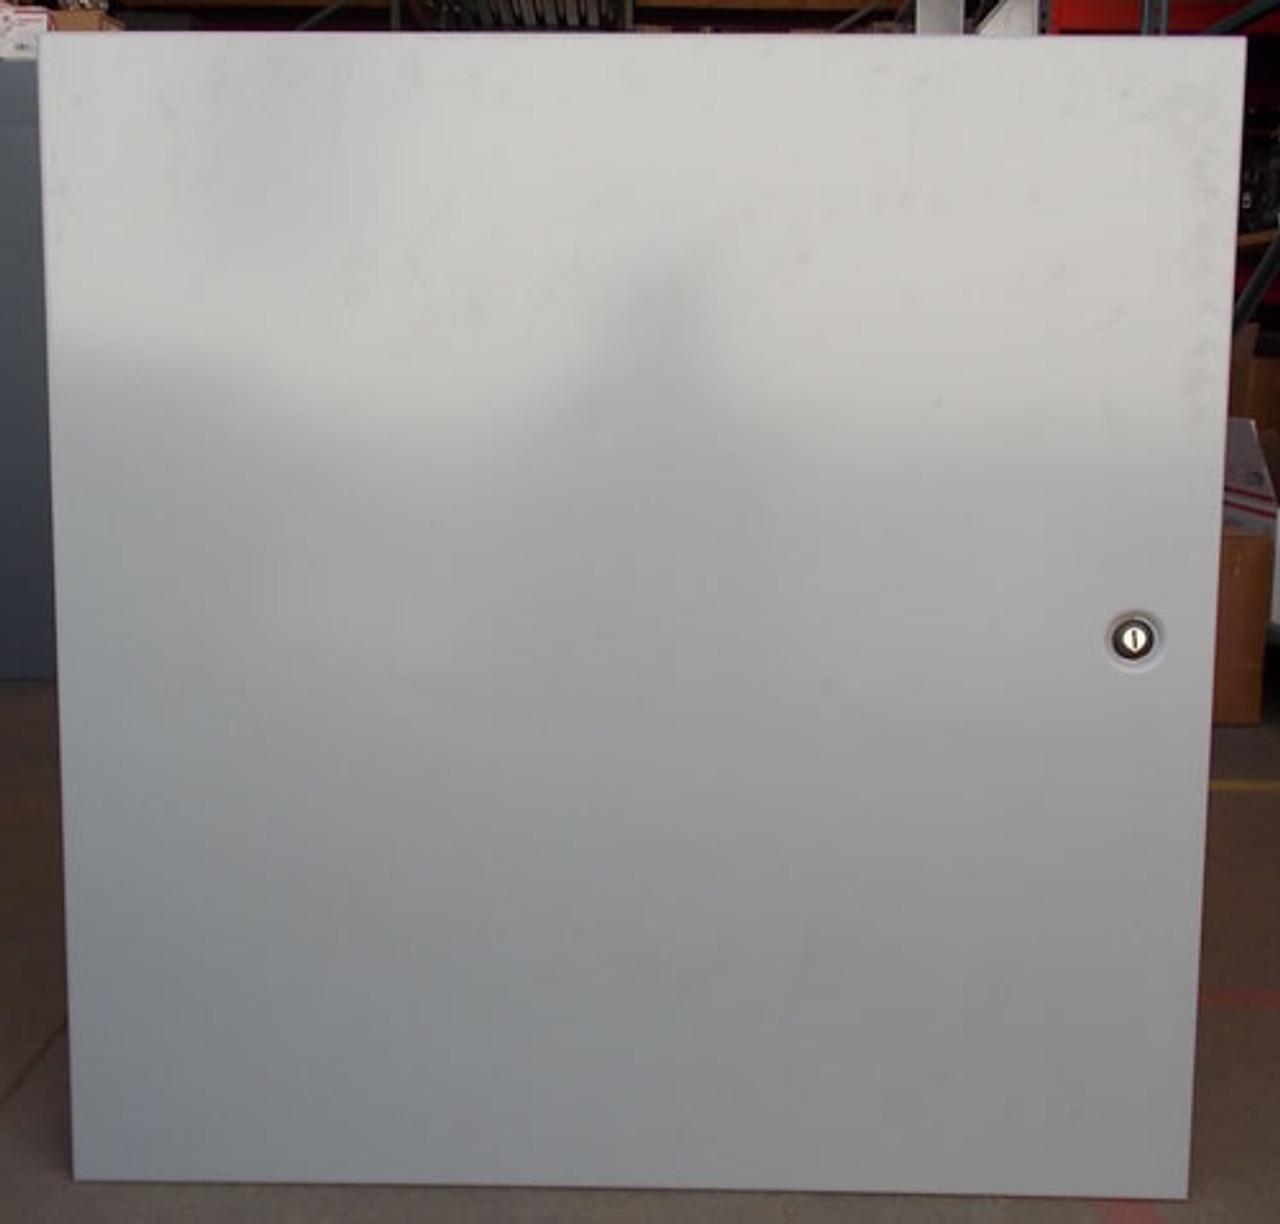 Cooper B-Line 32328-1 M2-00-0-0 32x32x8 Cut Out Box Nema 1 Enclosure - New